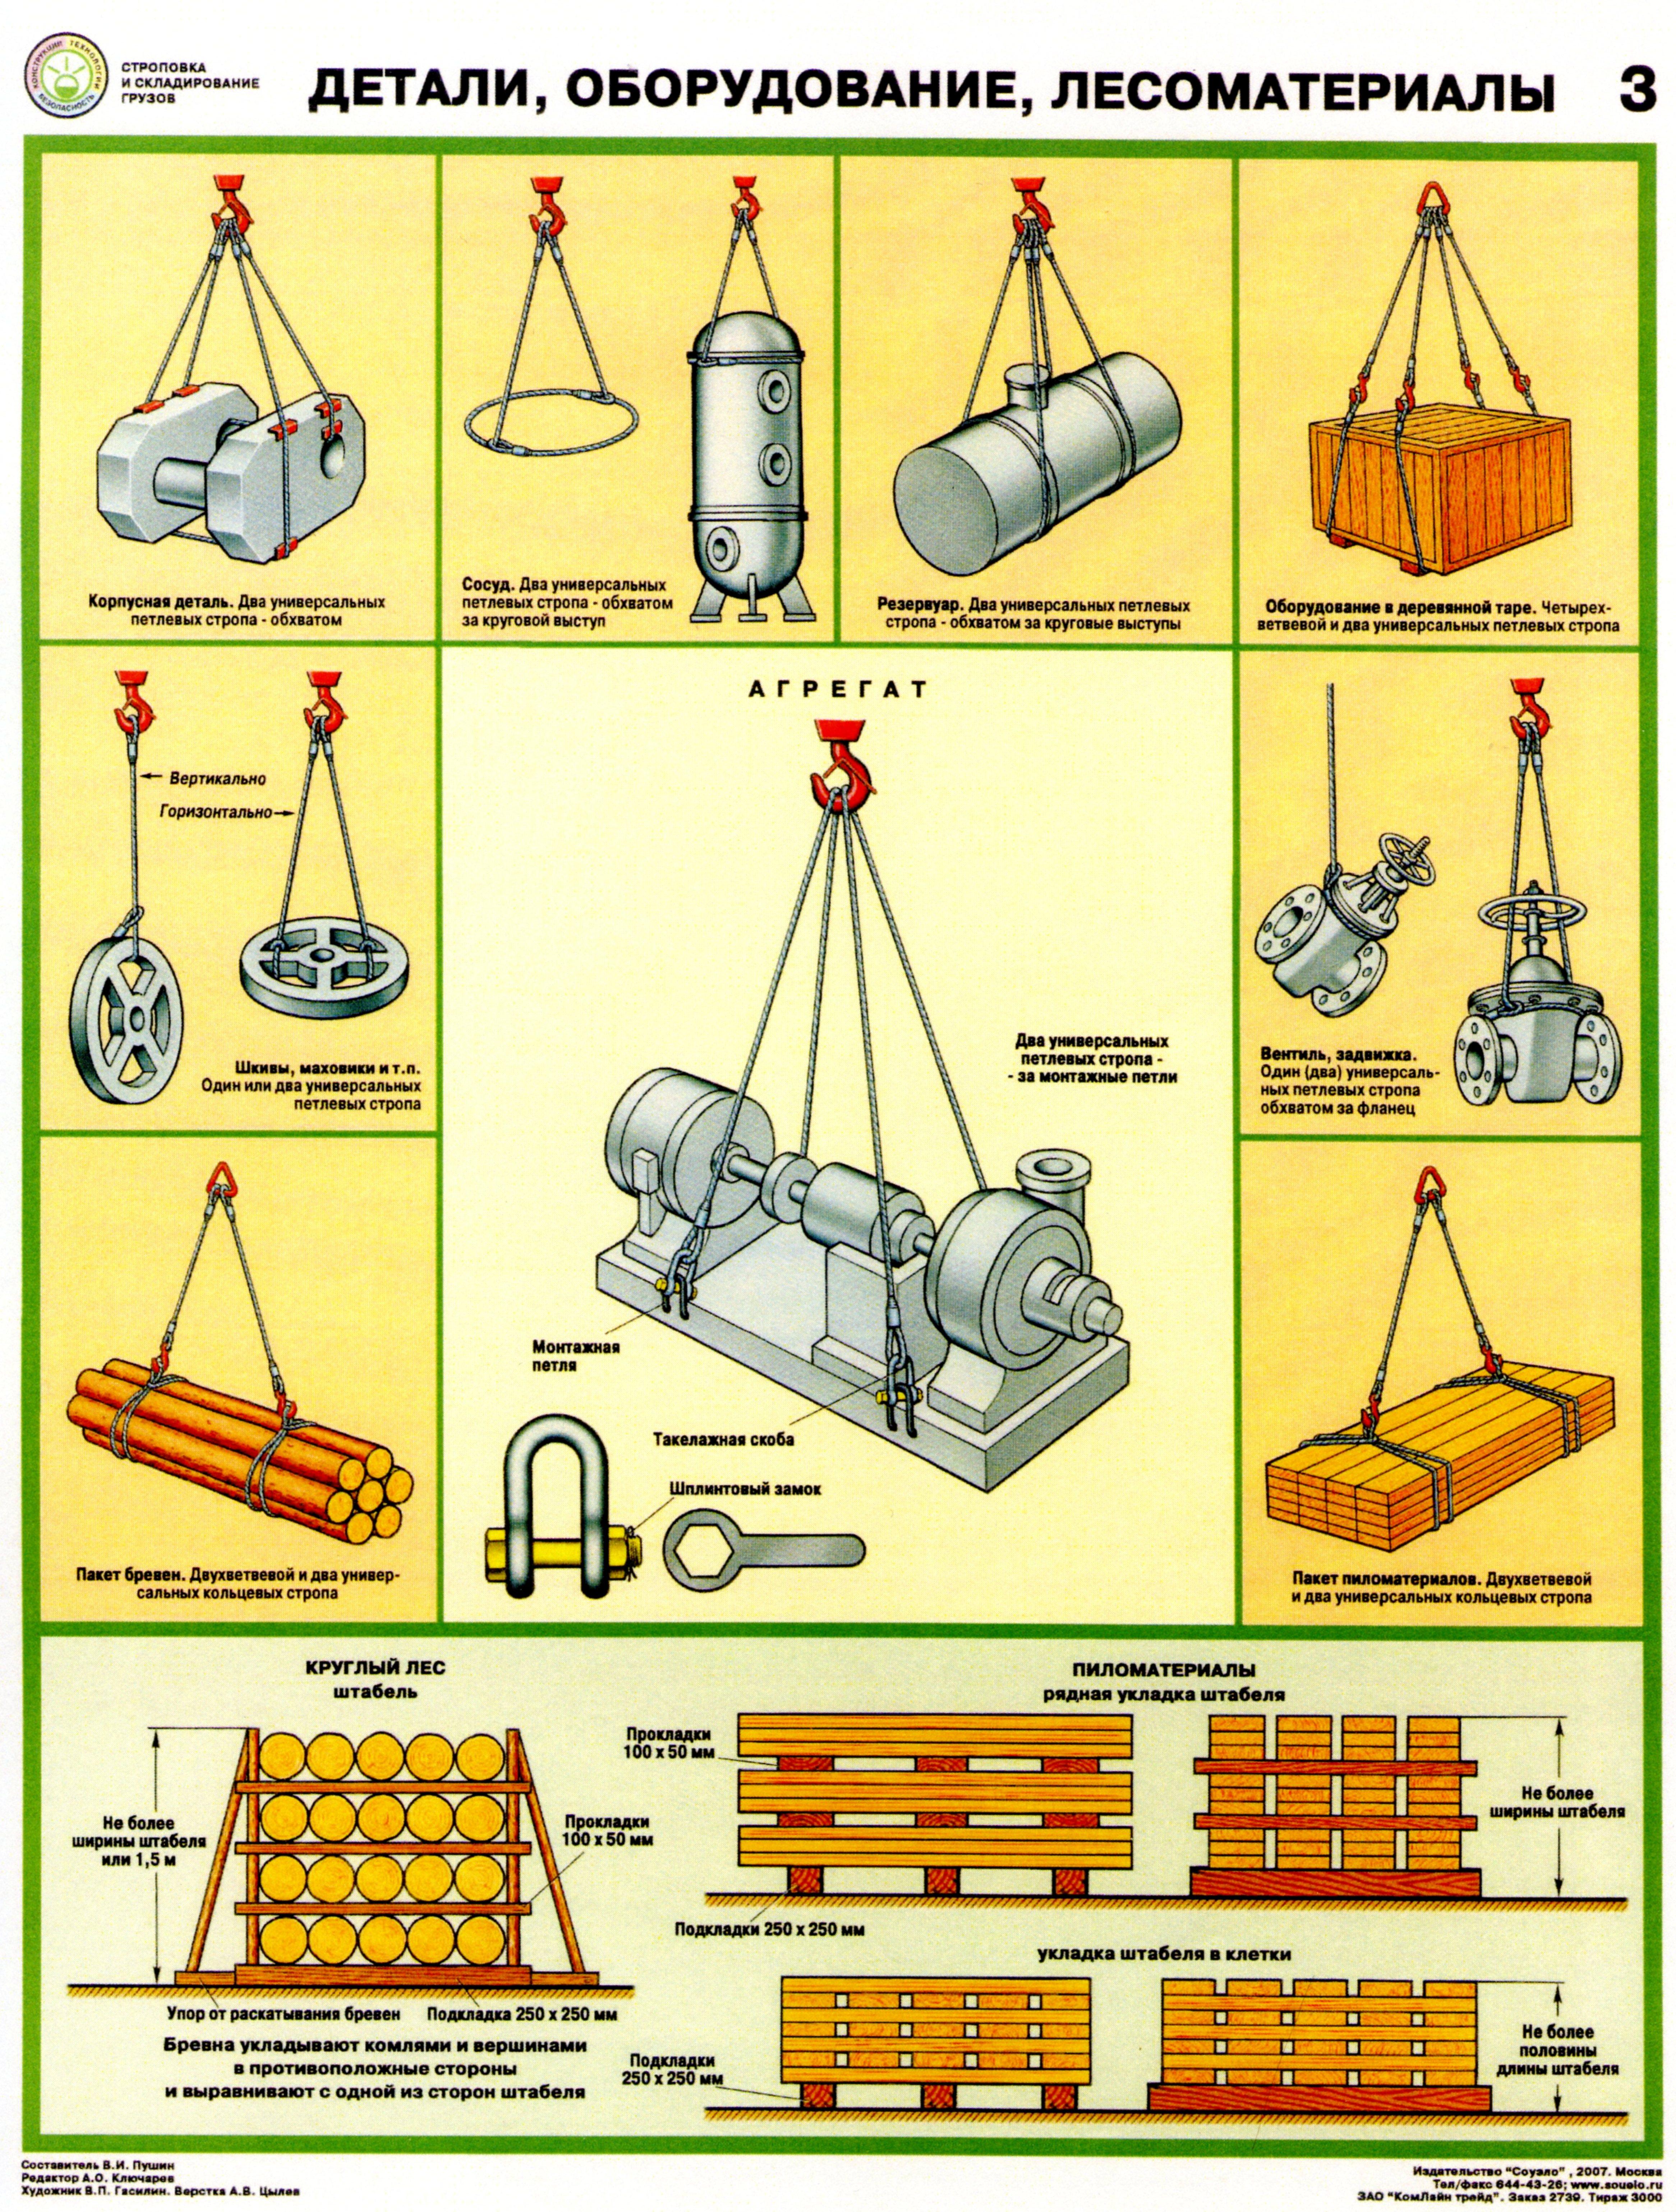 Инструкция по санитарной обработке технологического